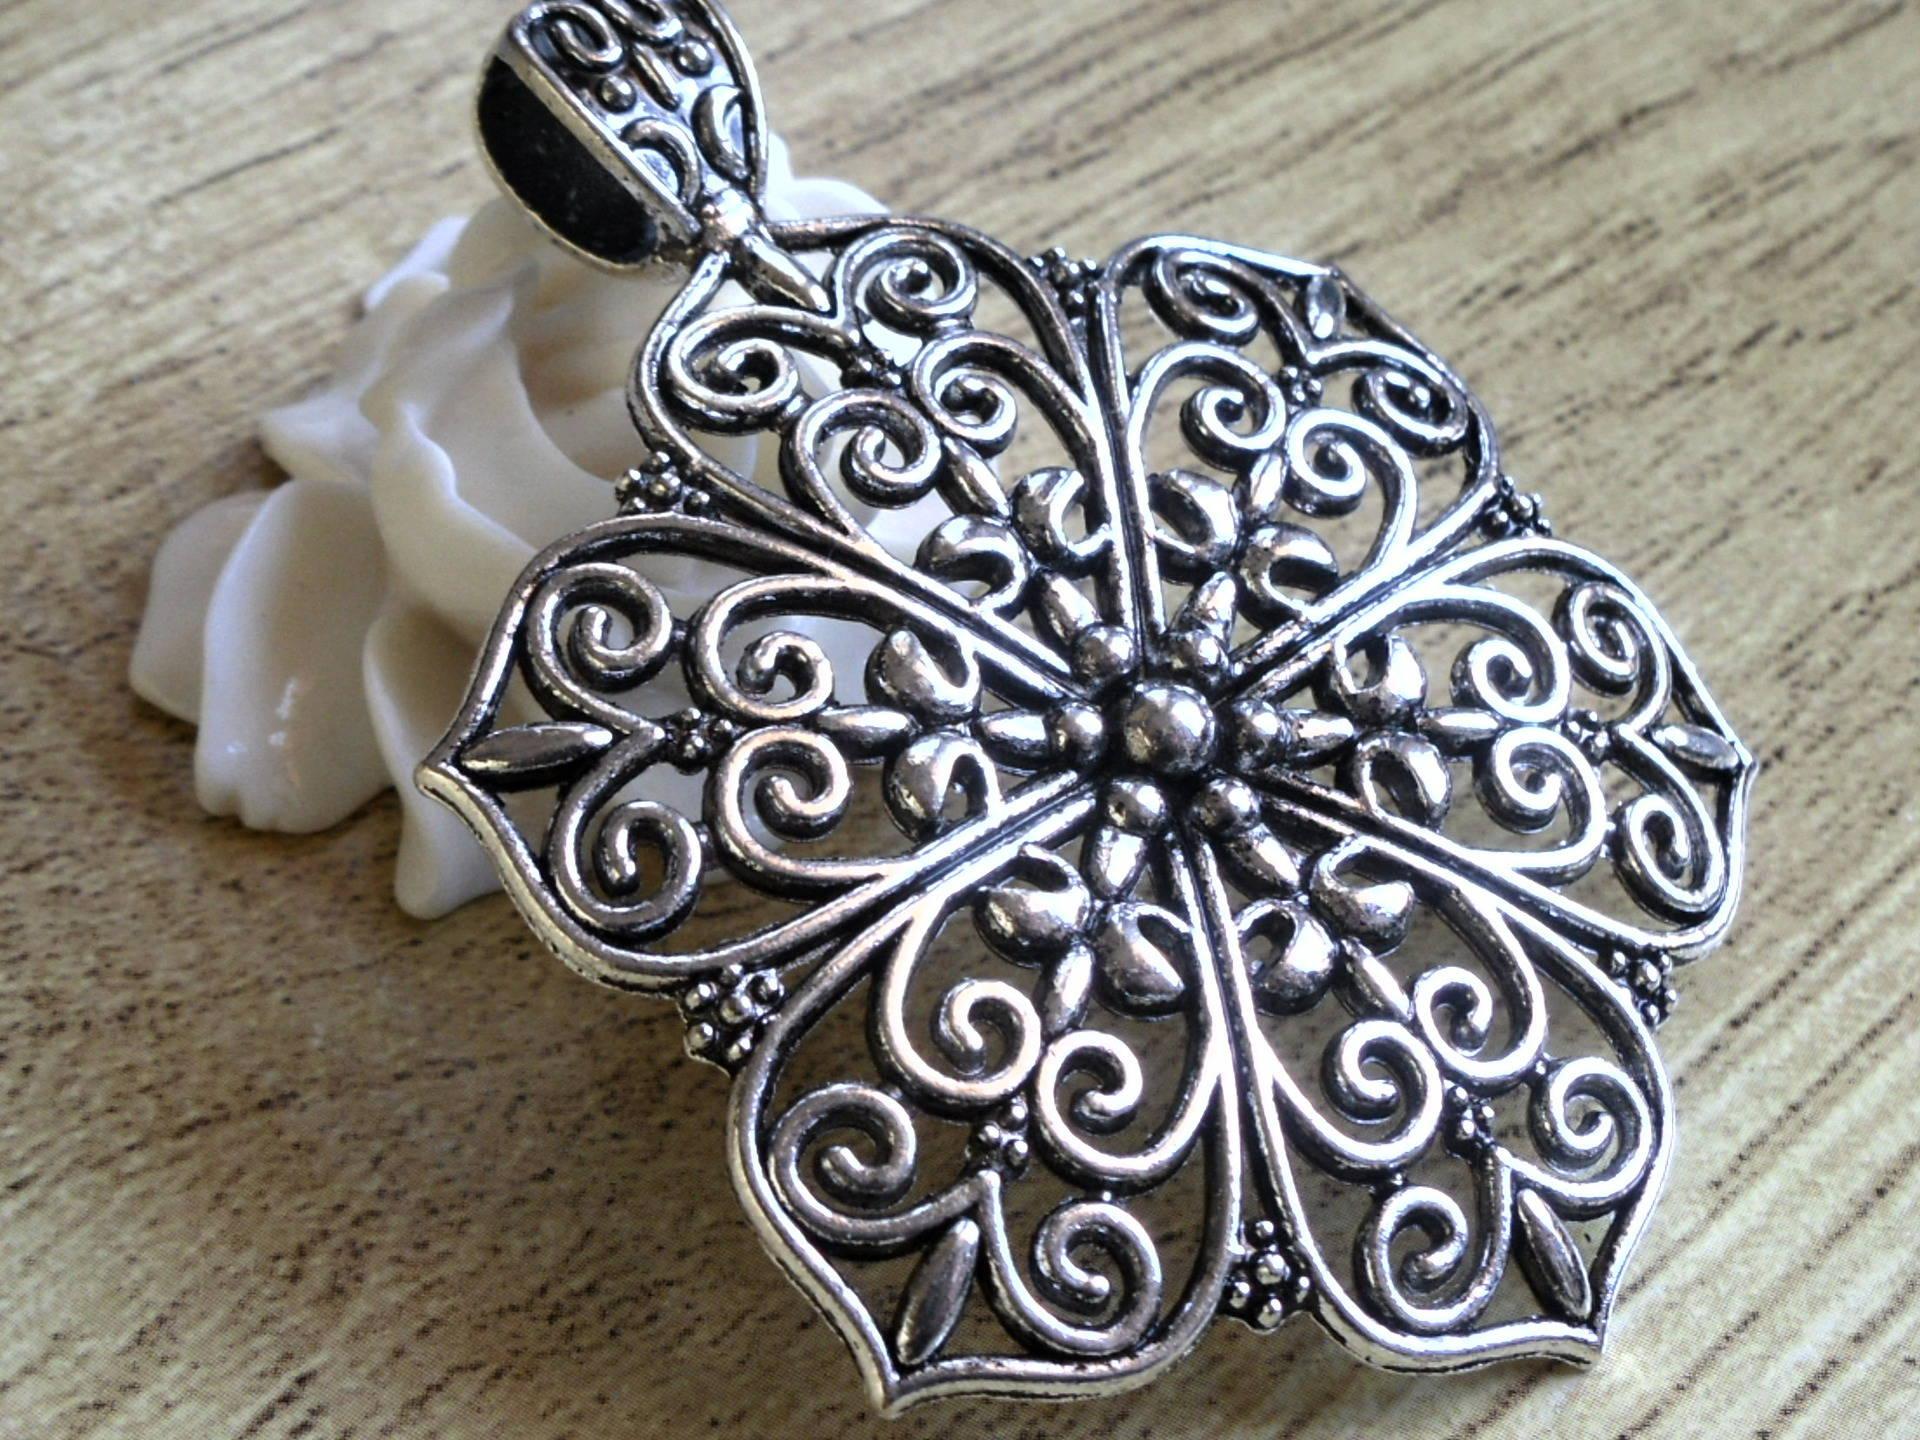 6 pendentifs fleur en argent tibétain 15 mm